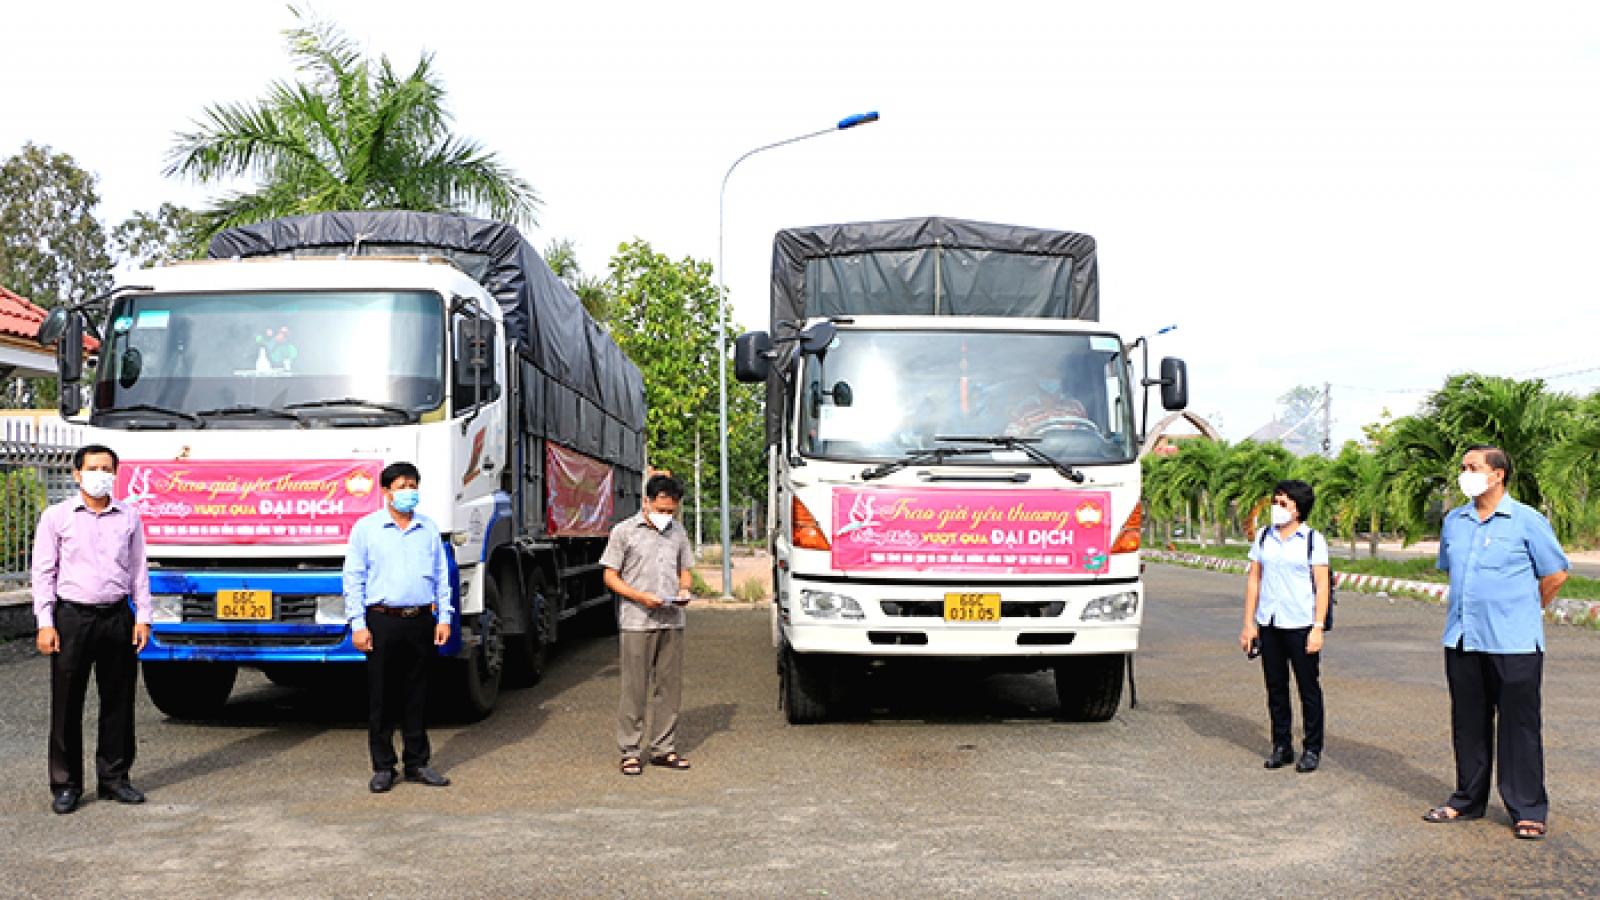 Hỗ trợ nhu yếu phẩm cho bà con Đồng Tháp tại Thành phố Hồ Chí Minh